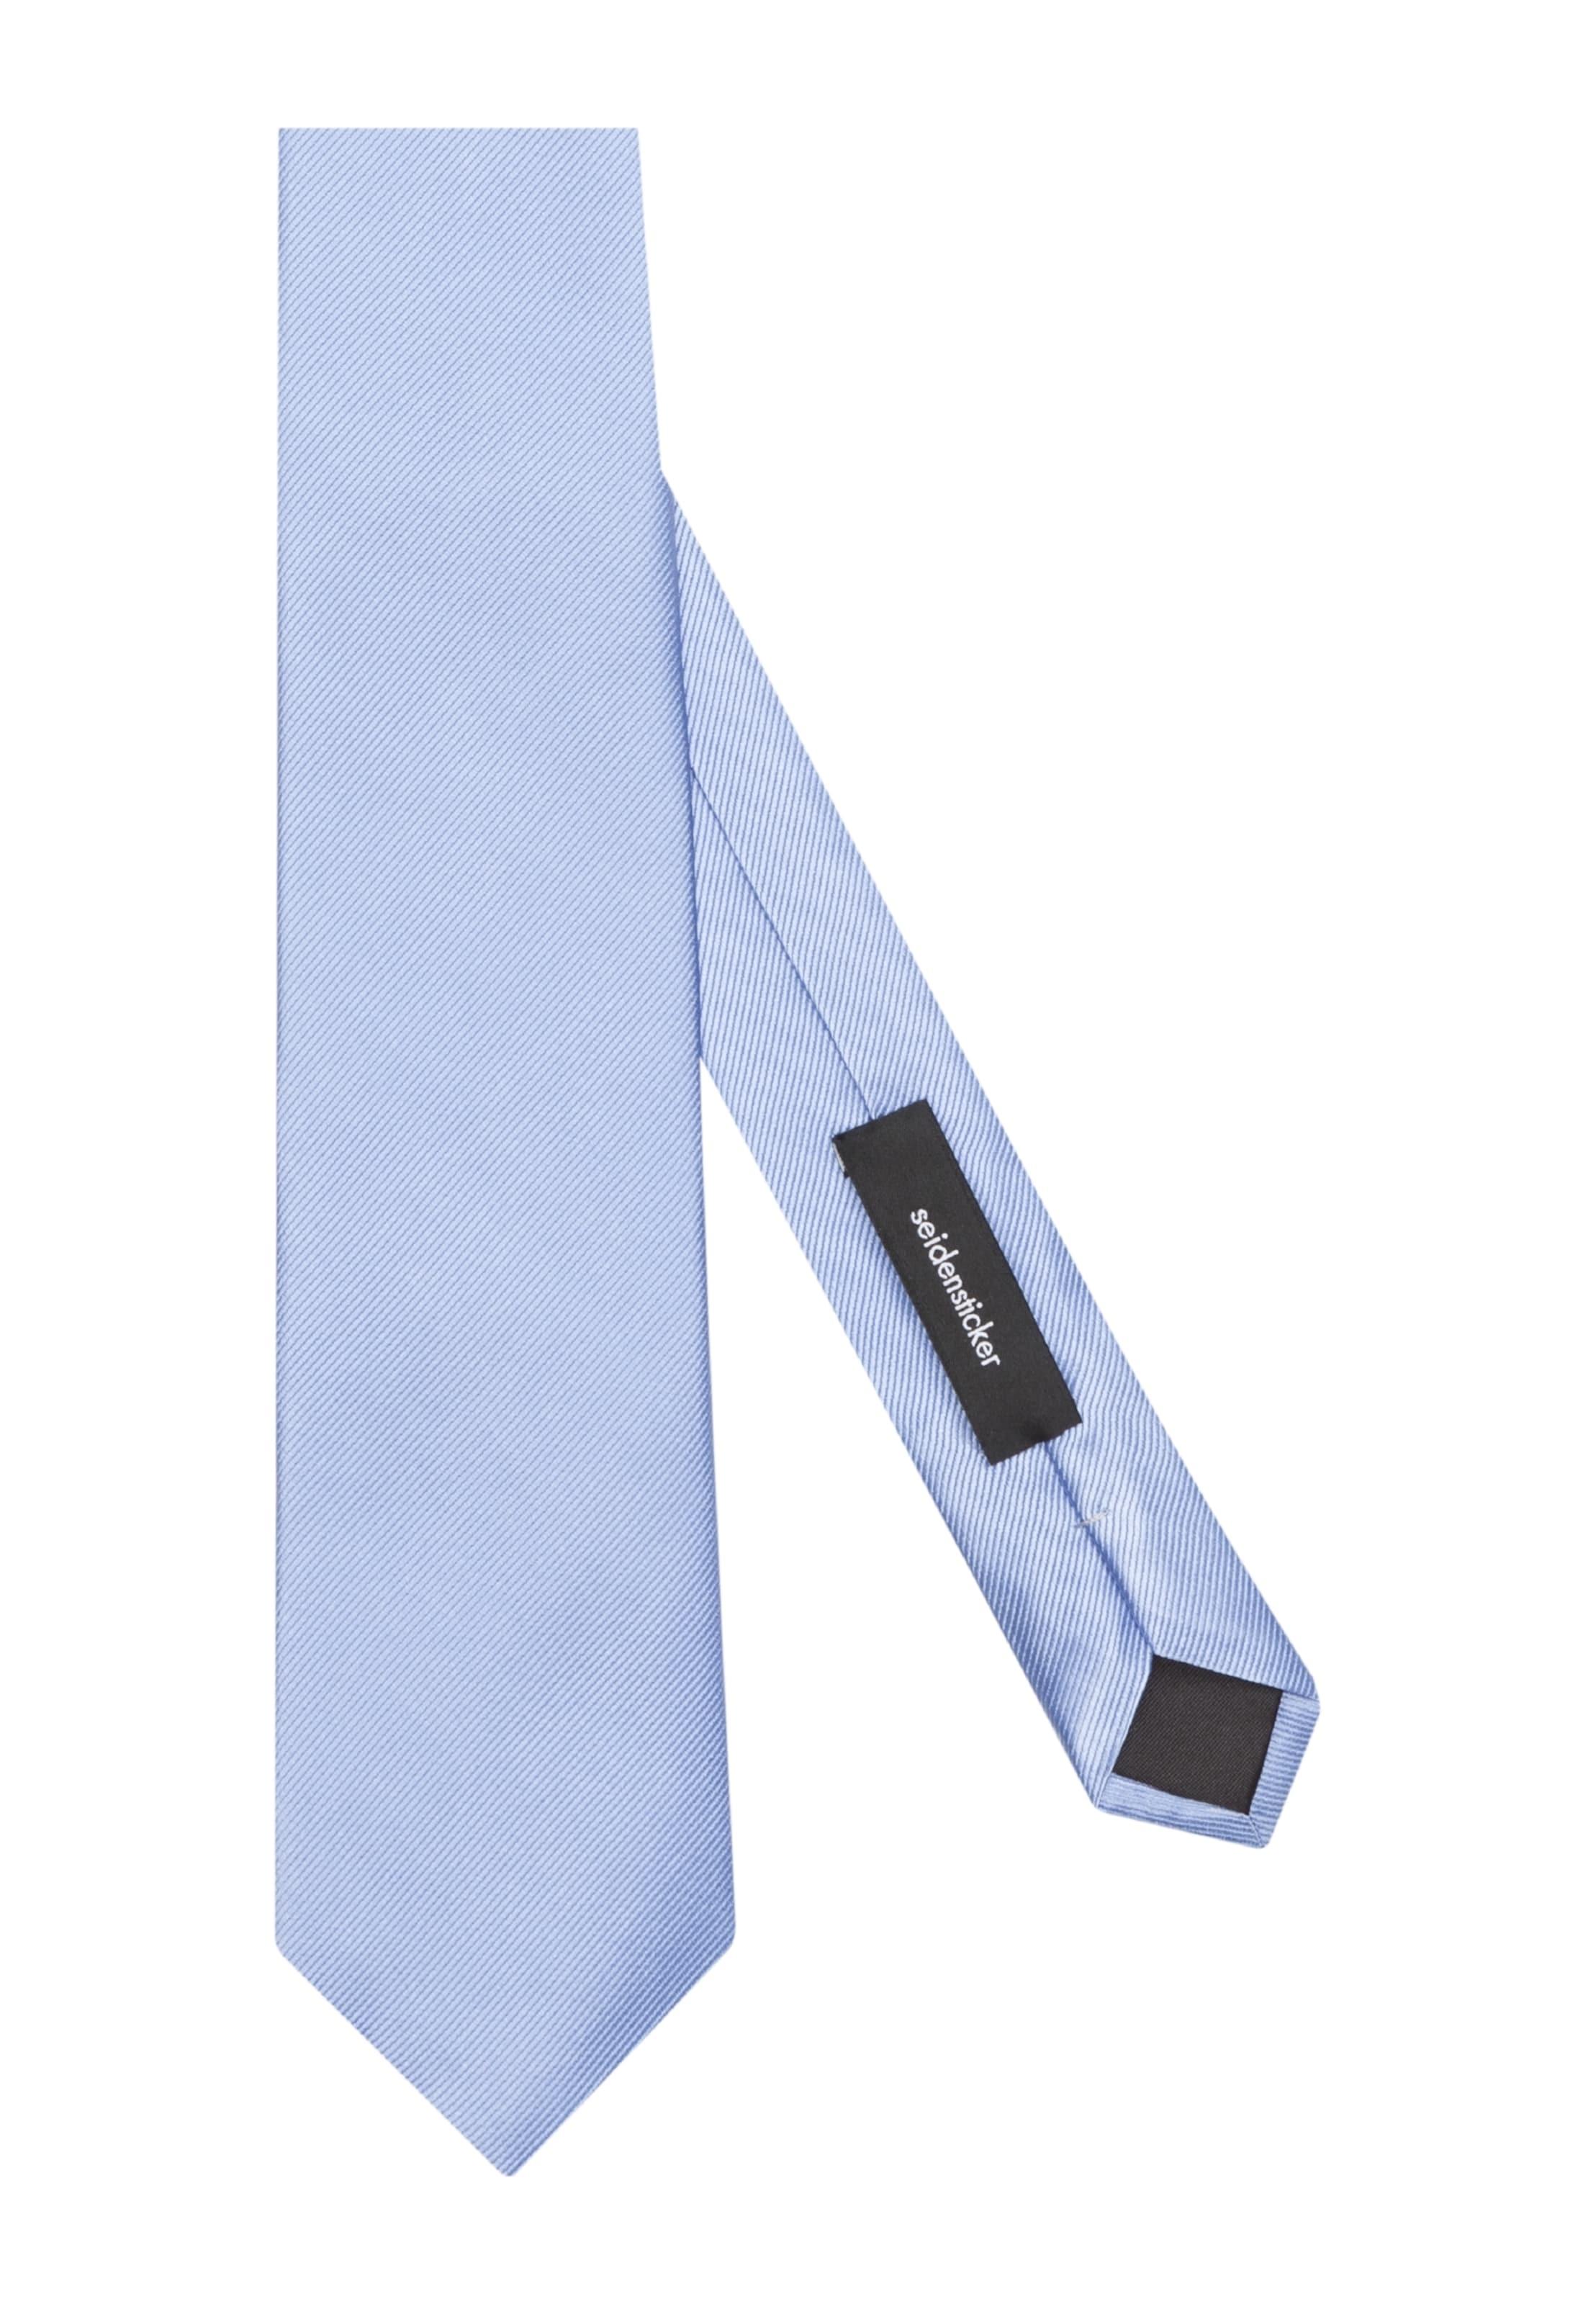 Cravate Rose ' En Seidensticker Bleu Marine Schwarze l1c3TFJuK